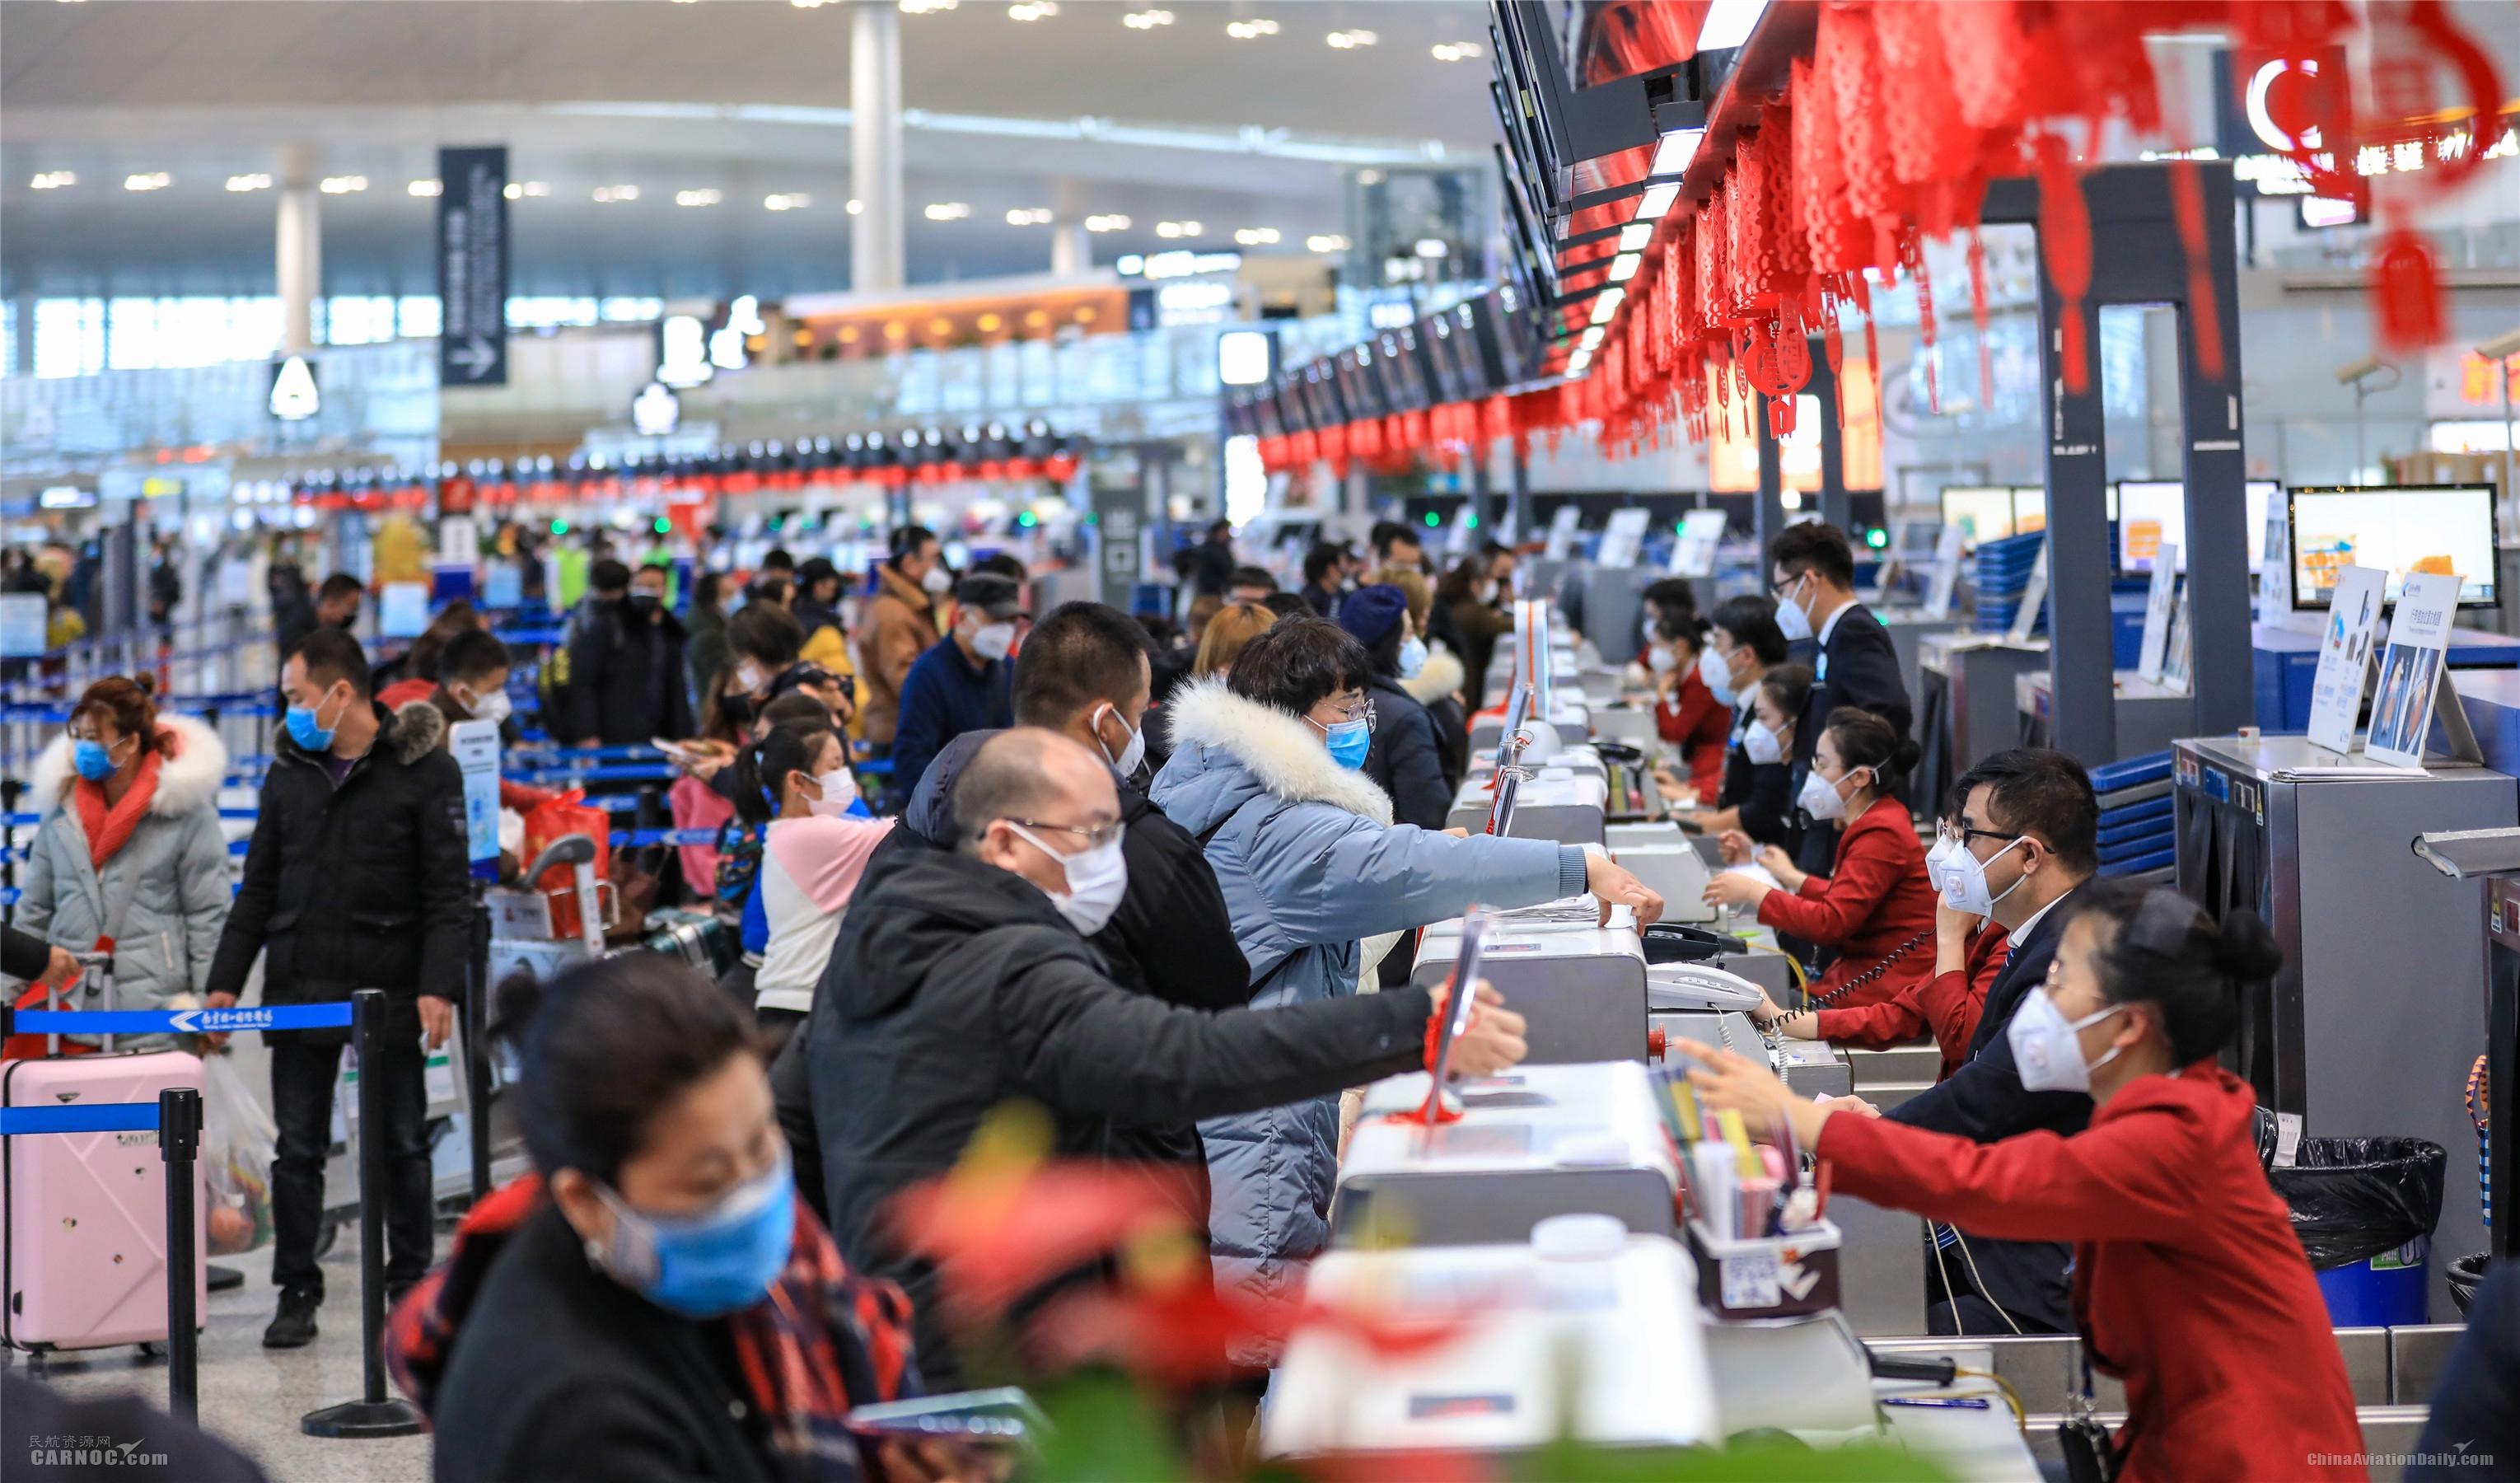 全力做好疫情防控 南京禄口机场保障旅客安心顺畅出行